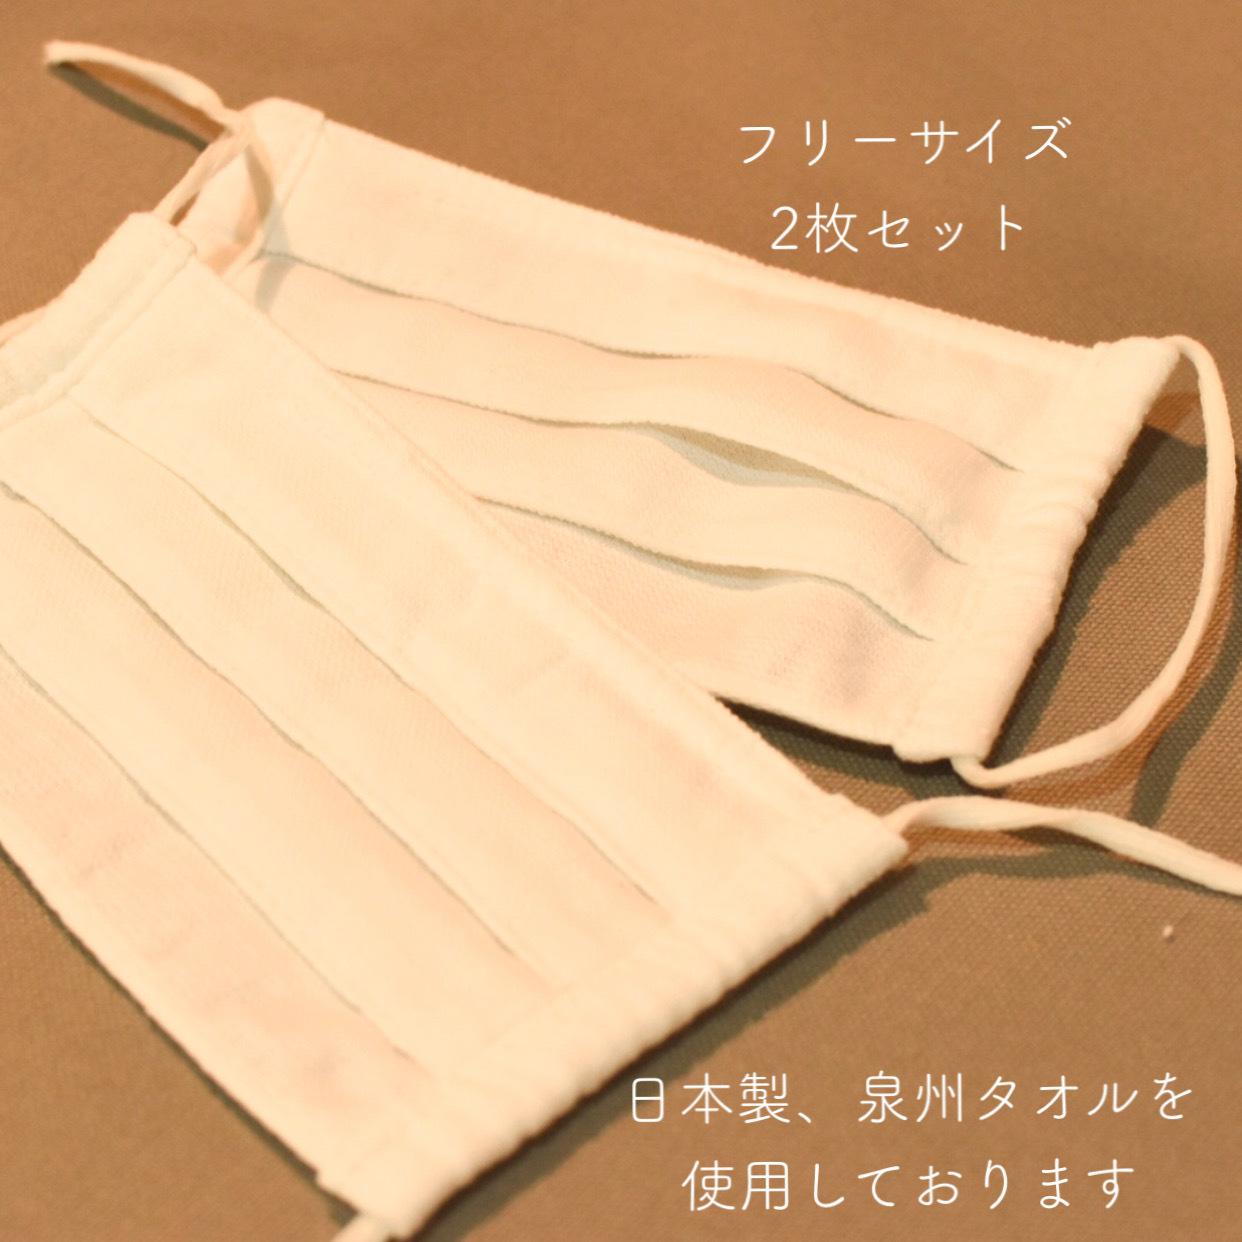 泉州タオル生地の布マスク白色 2枚セット【国産品質】